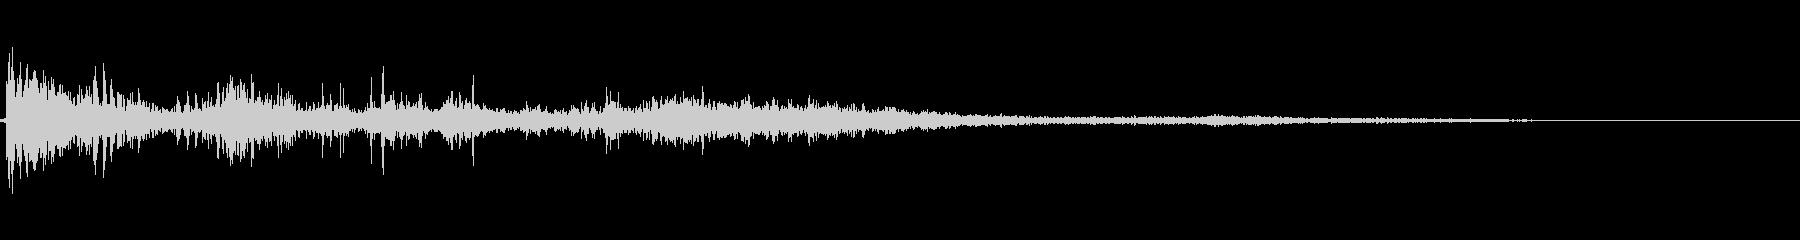 カミナリ(遠雷)-31の未再生の波形